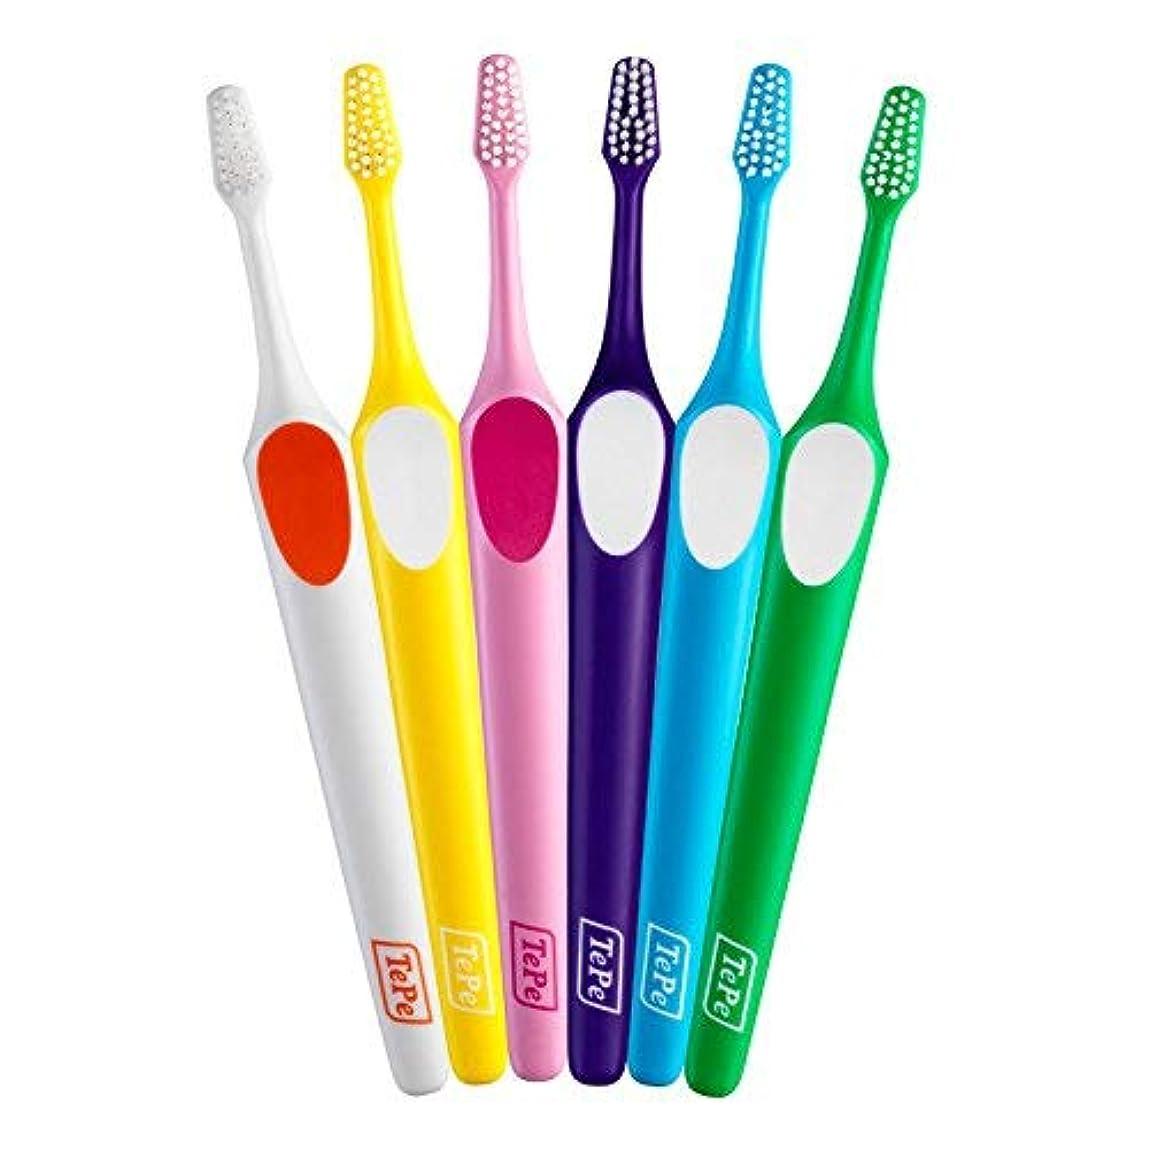 遺棄された啓示吐き出すTePe テペ 歯ブラシ スプリーム コンパクト 20本入